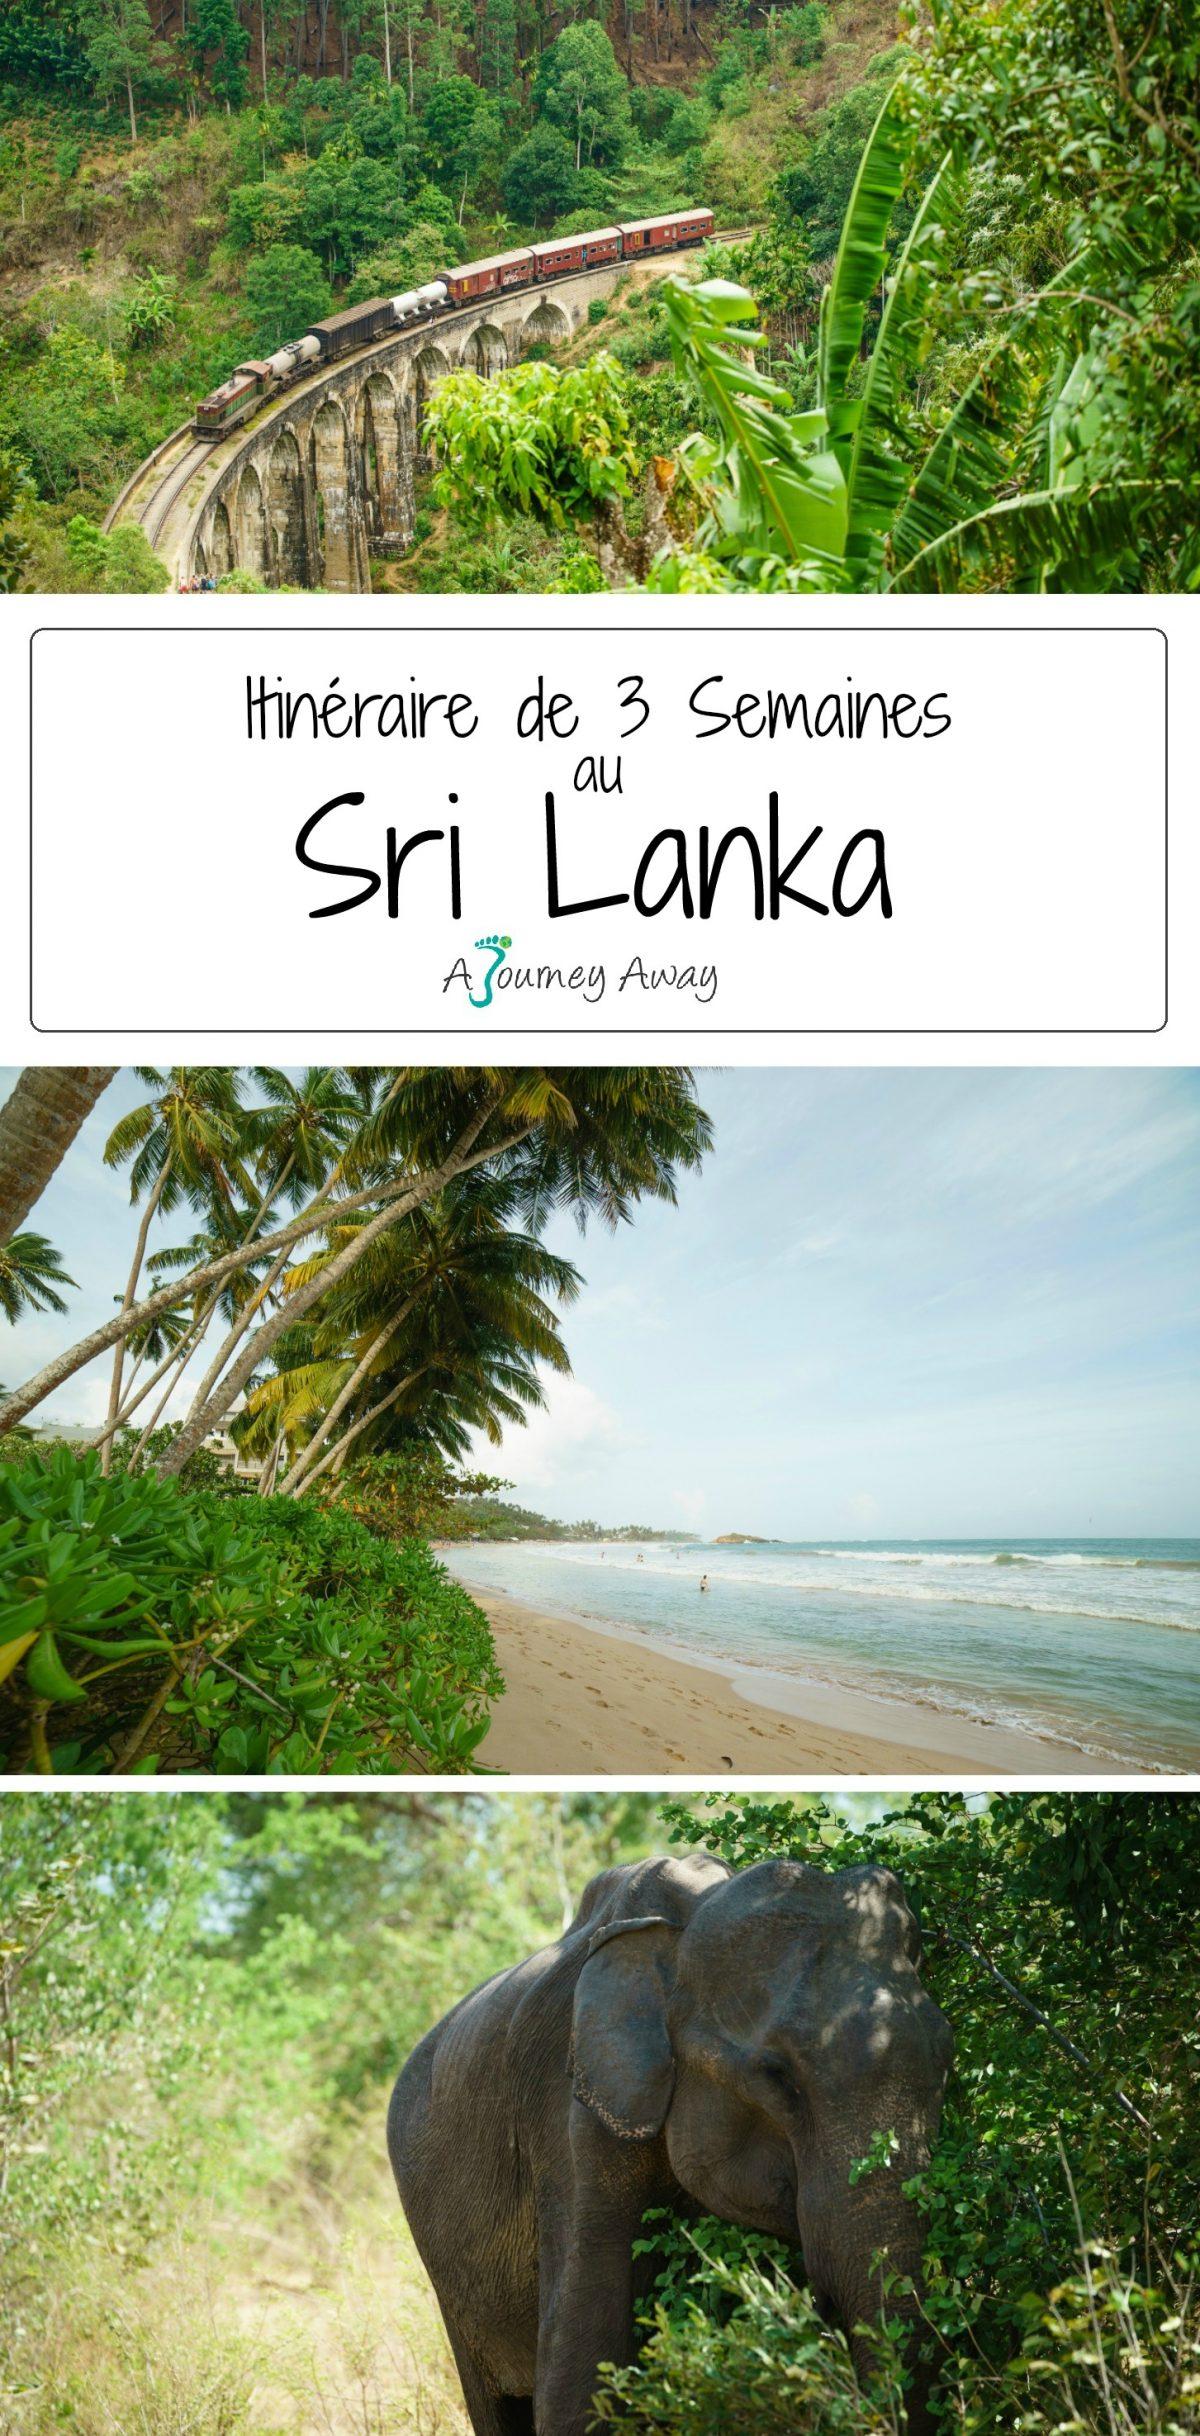 Trois Semaines au Sri Lanka, l'Itinéraire Parfait | Blog de voyage A Journey Away